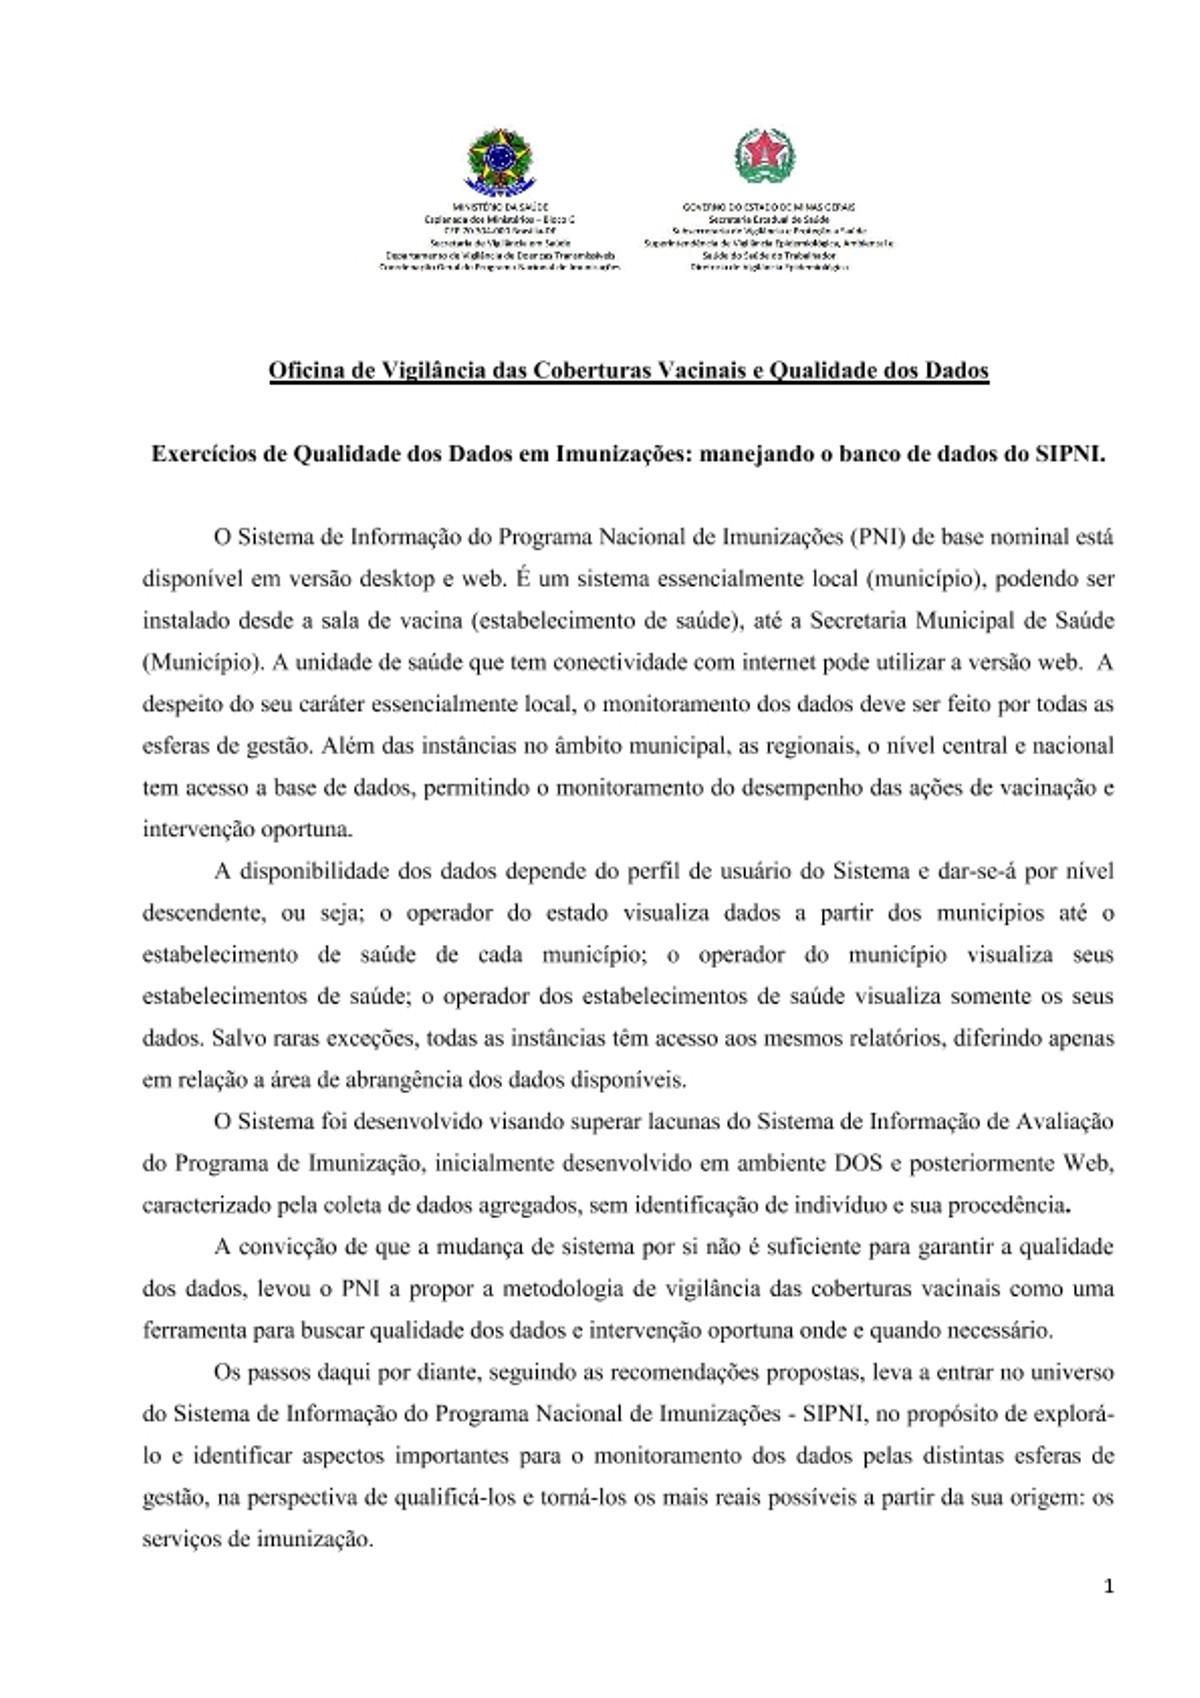 Pre-visualização do material Oficina MG vigilancia das coberturas vacinais  - página 1